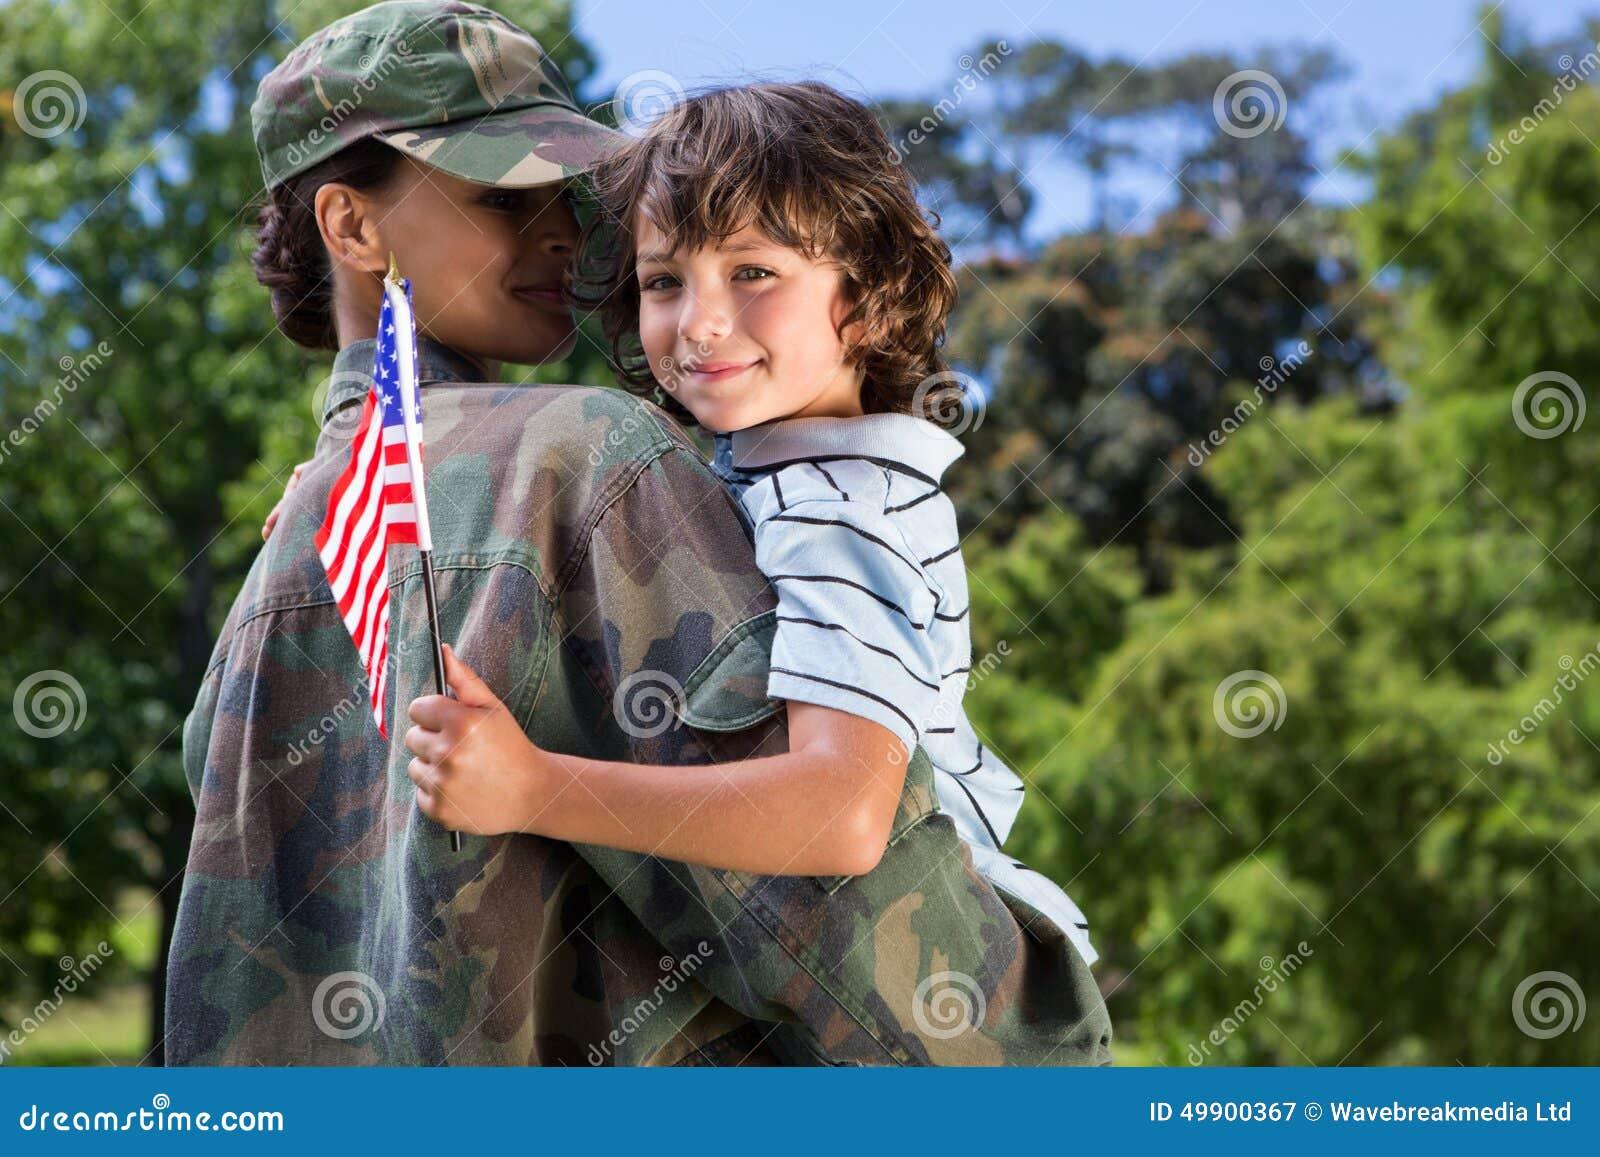 Soldat wiedervereinigt mit ihrem Sohn